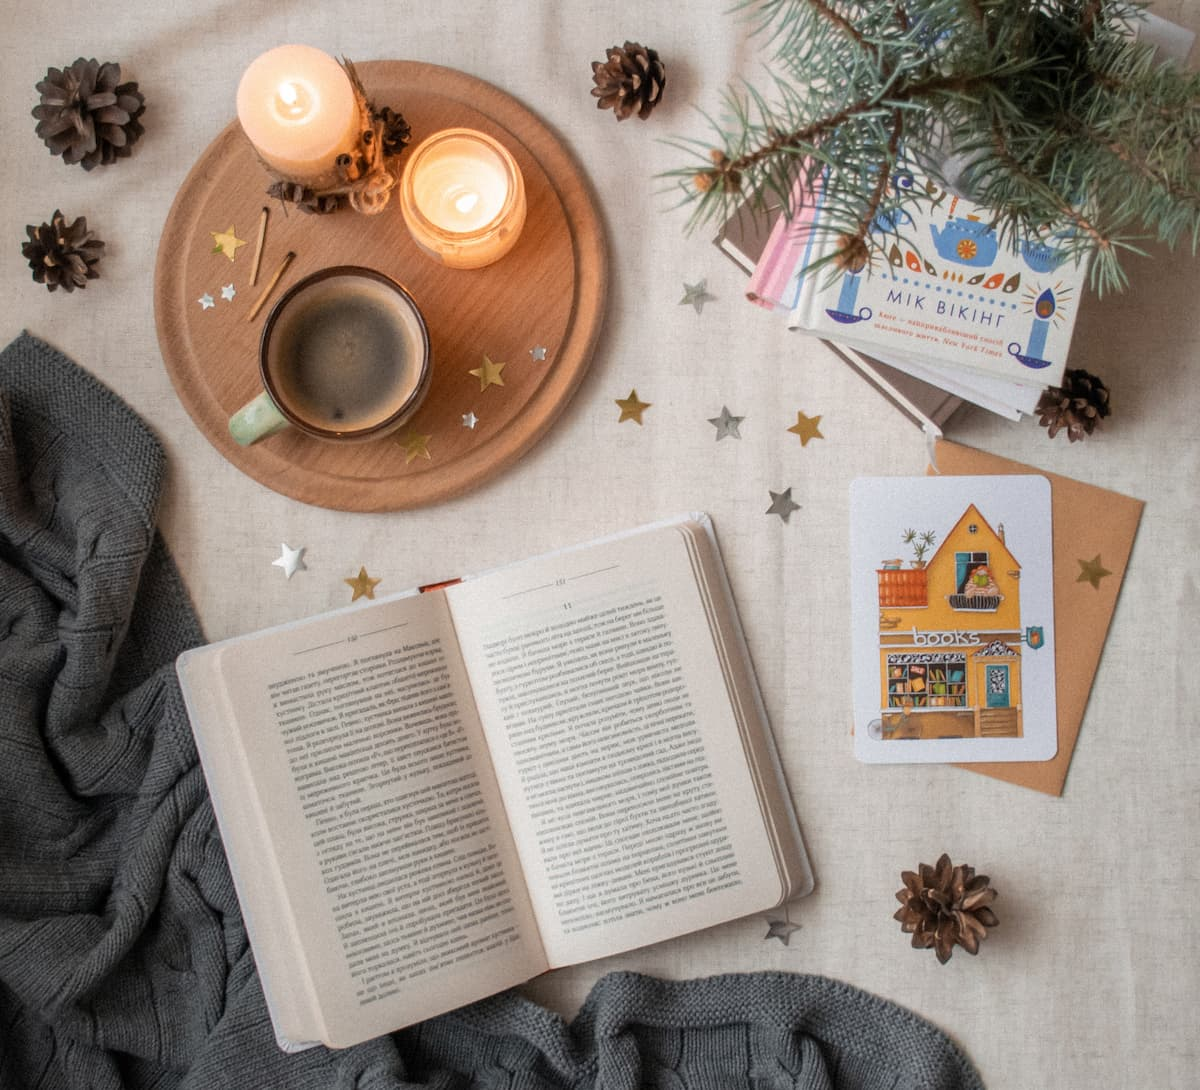 image d'illustration et d'ambiance lecture, café, bougies, plaid